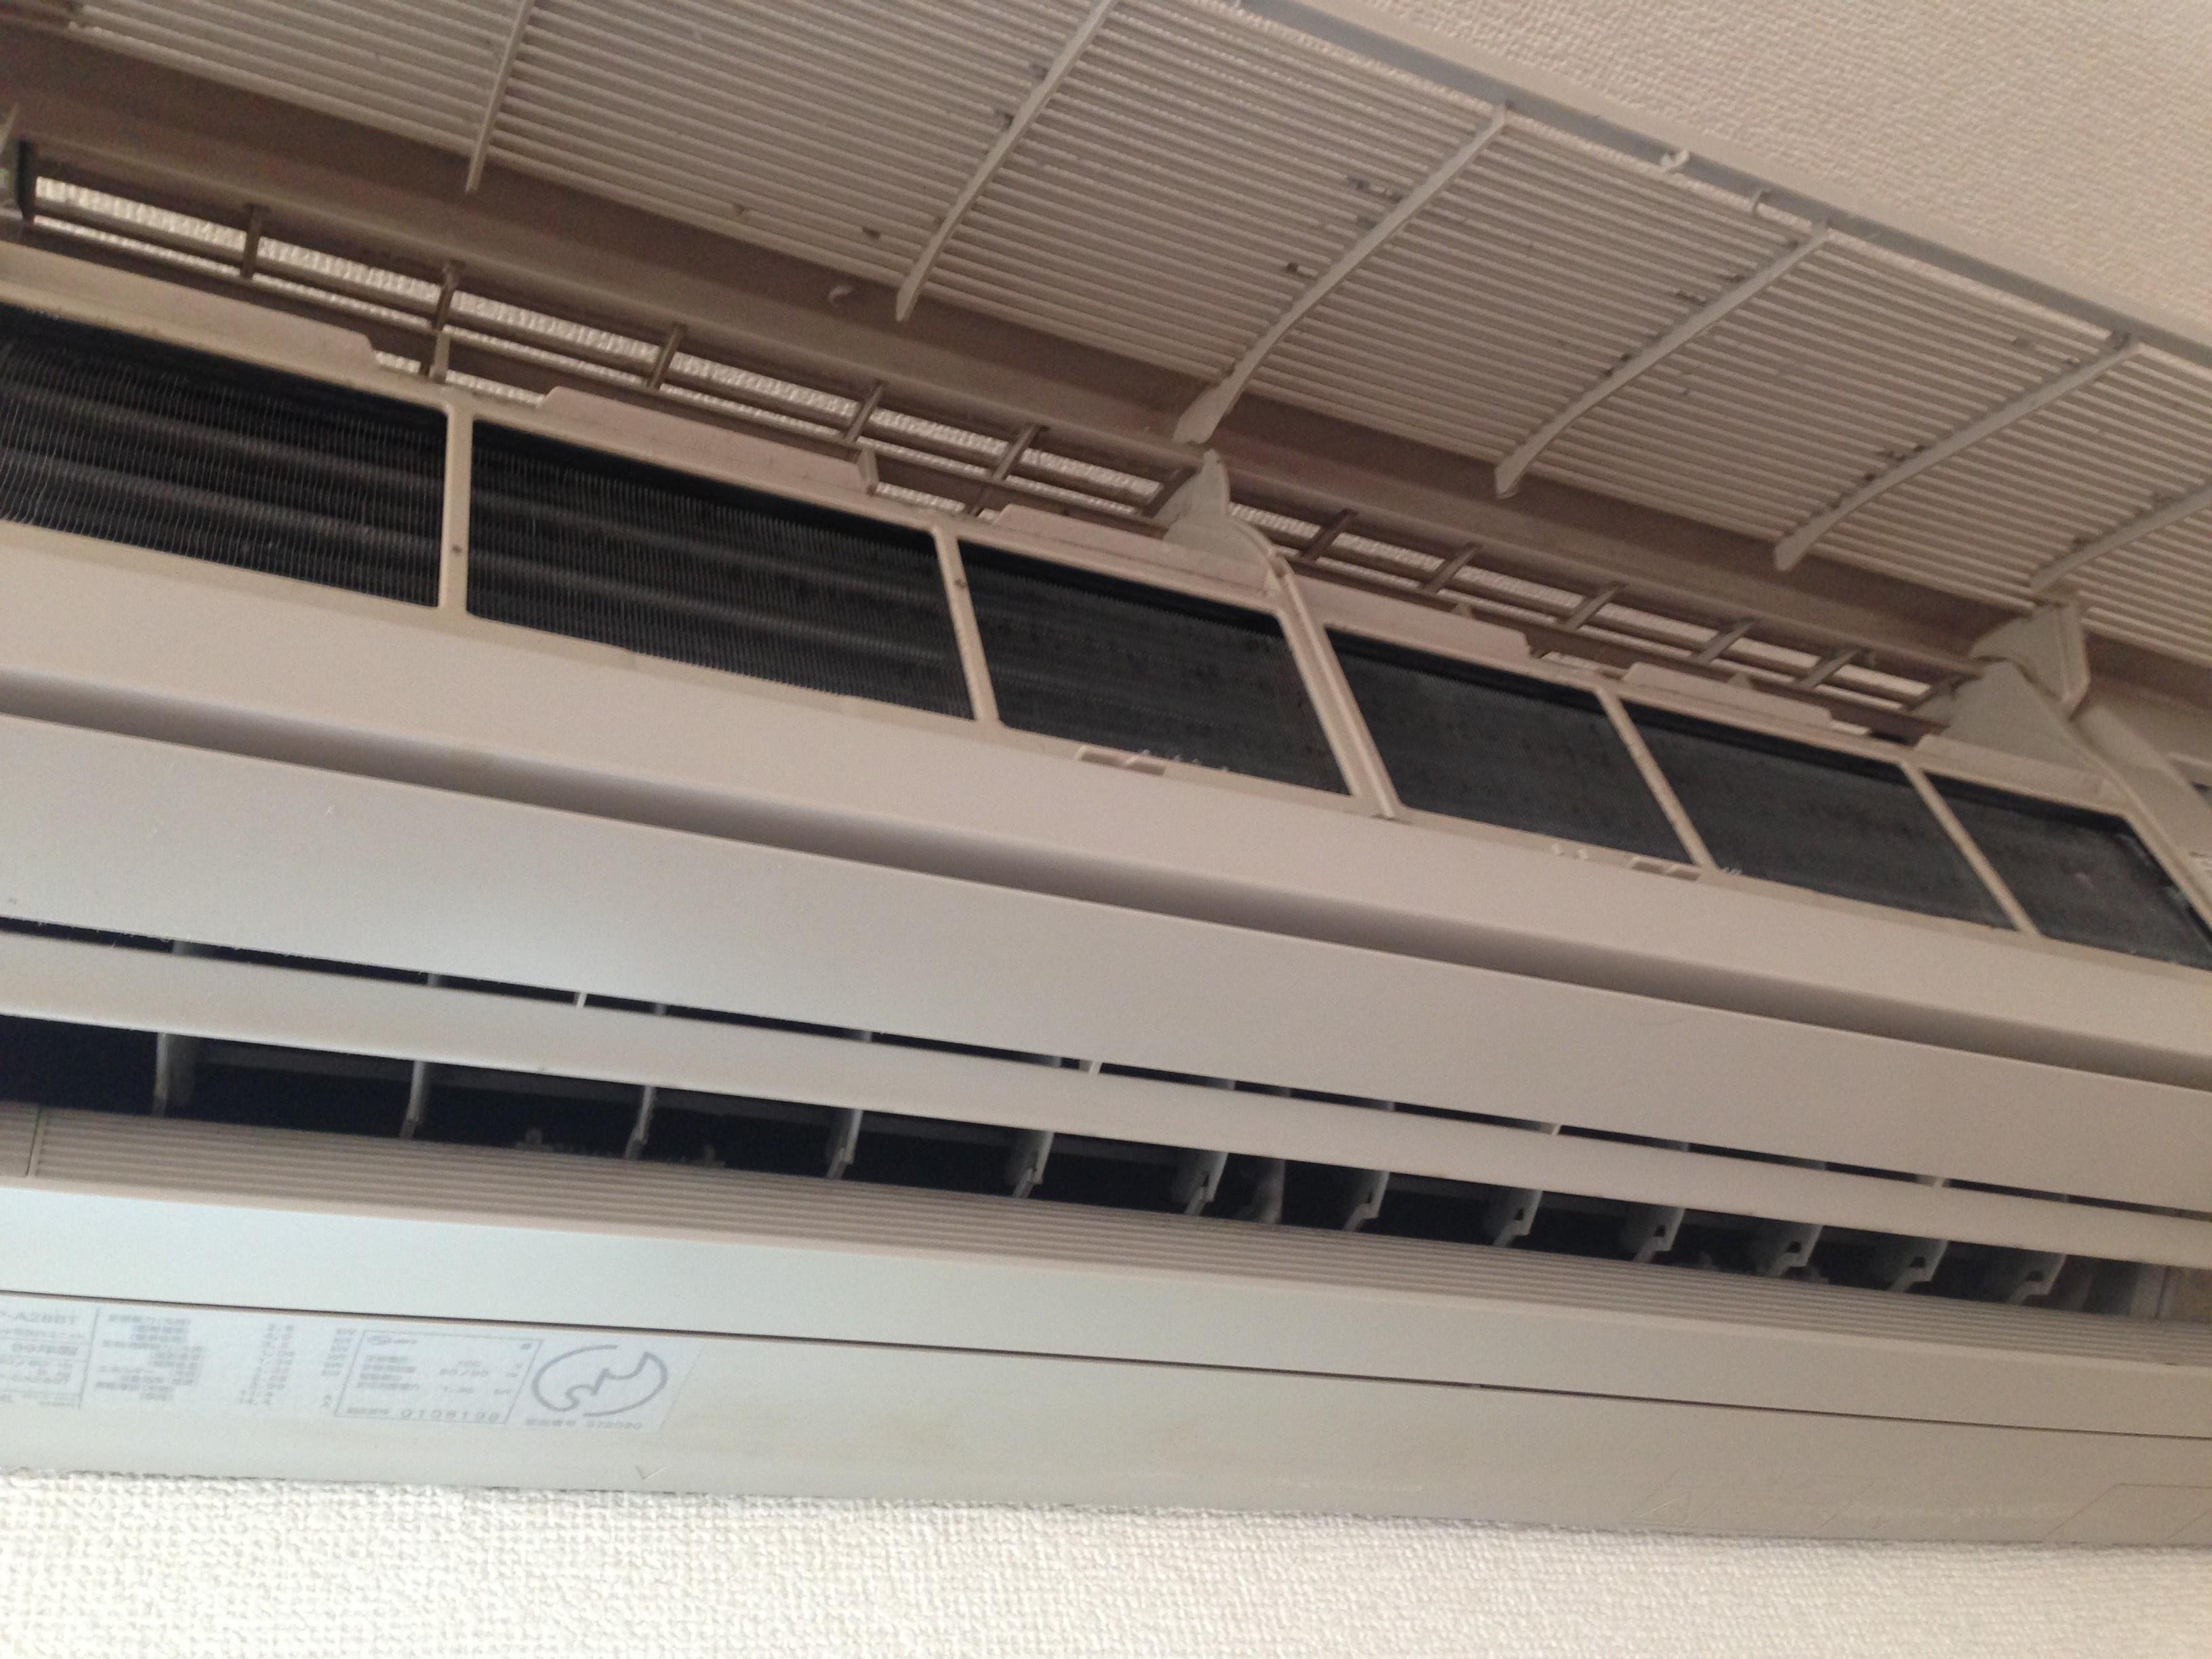 エアコンの効きが悪かったらフィルターの掃除をすると改善する